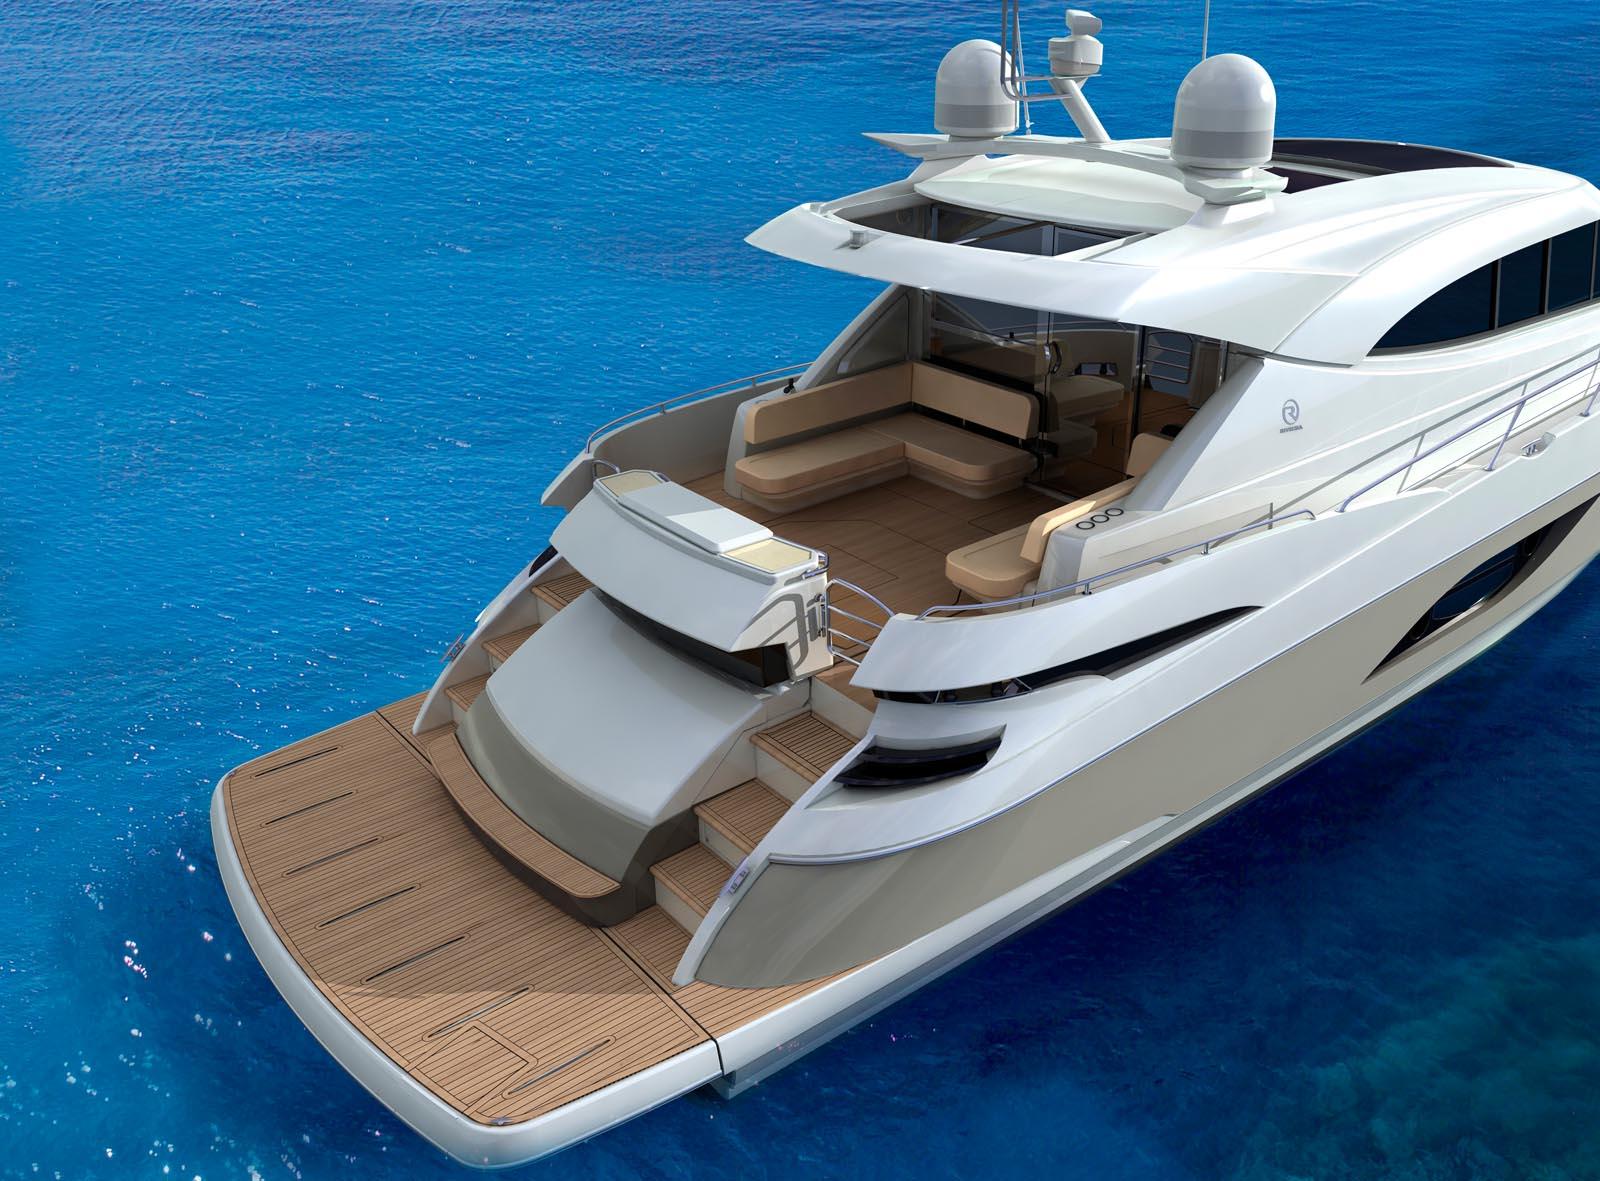 Riviera 6000 Sport Yacht World Premiere R Marine  : Rivier20600020Sport20Yacht202 from www.jacksonsmarine.com.au size 1600 x 1181 jpeg 259kB